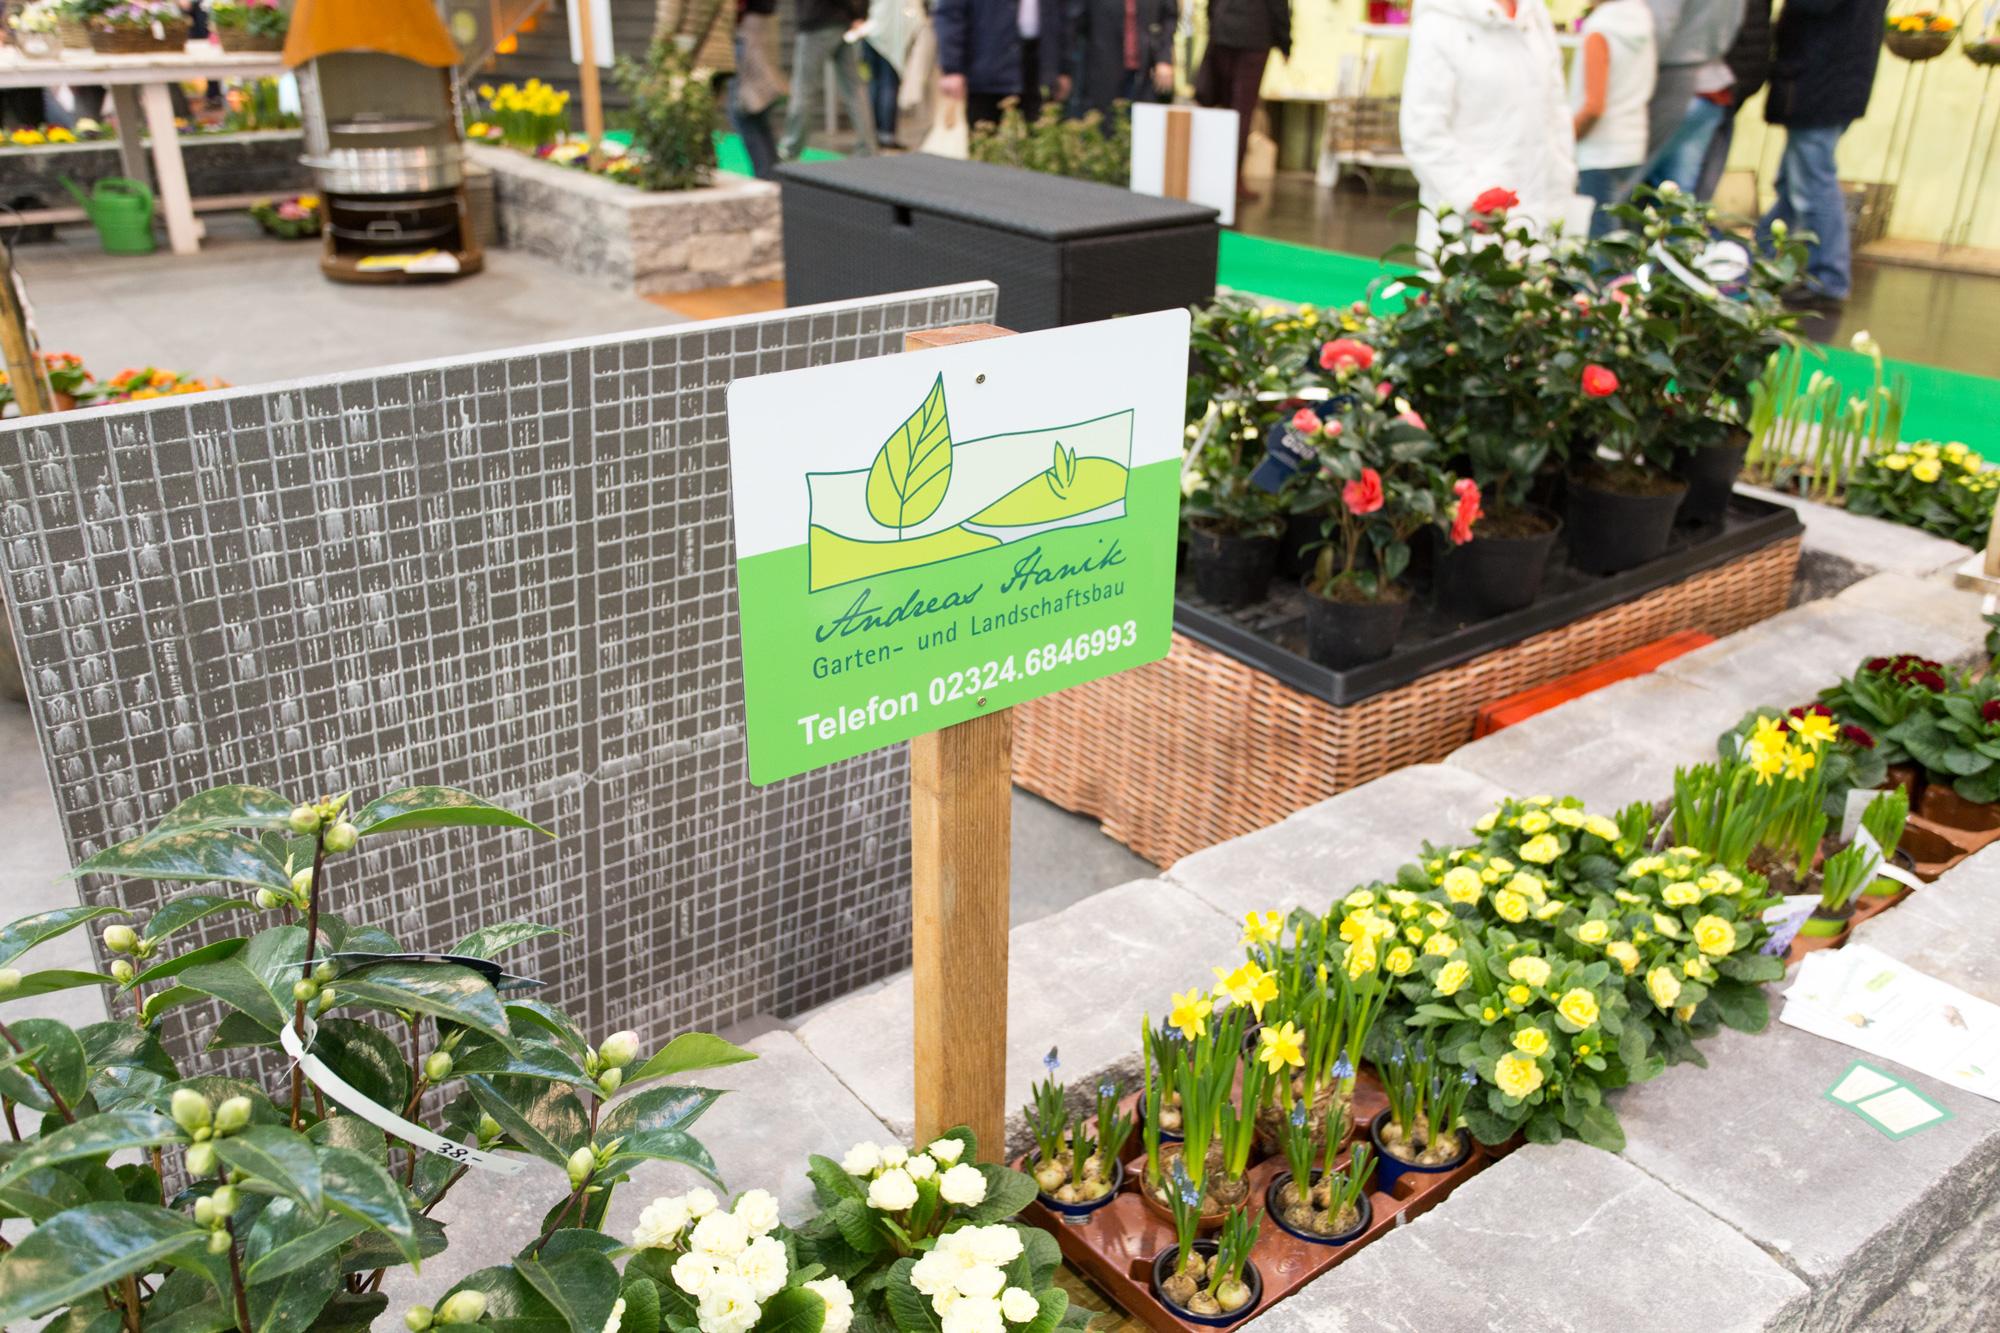 Haus Garten Genuss Steingarten Ideen Und Umsetzung Gartnerei